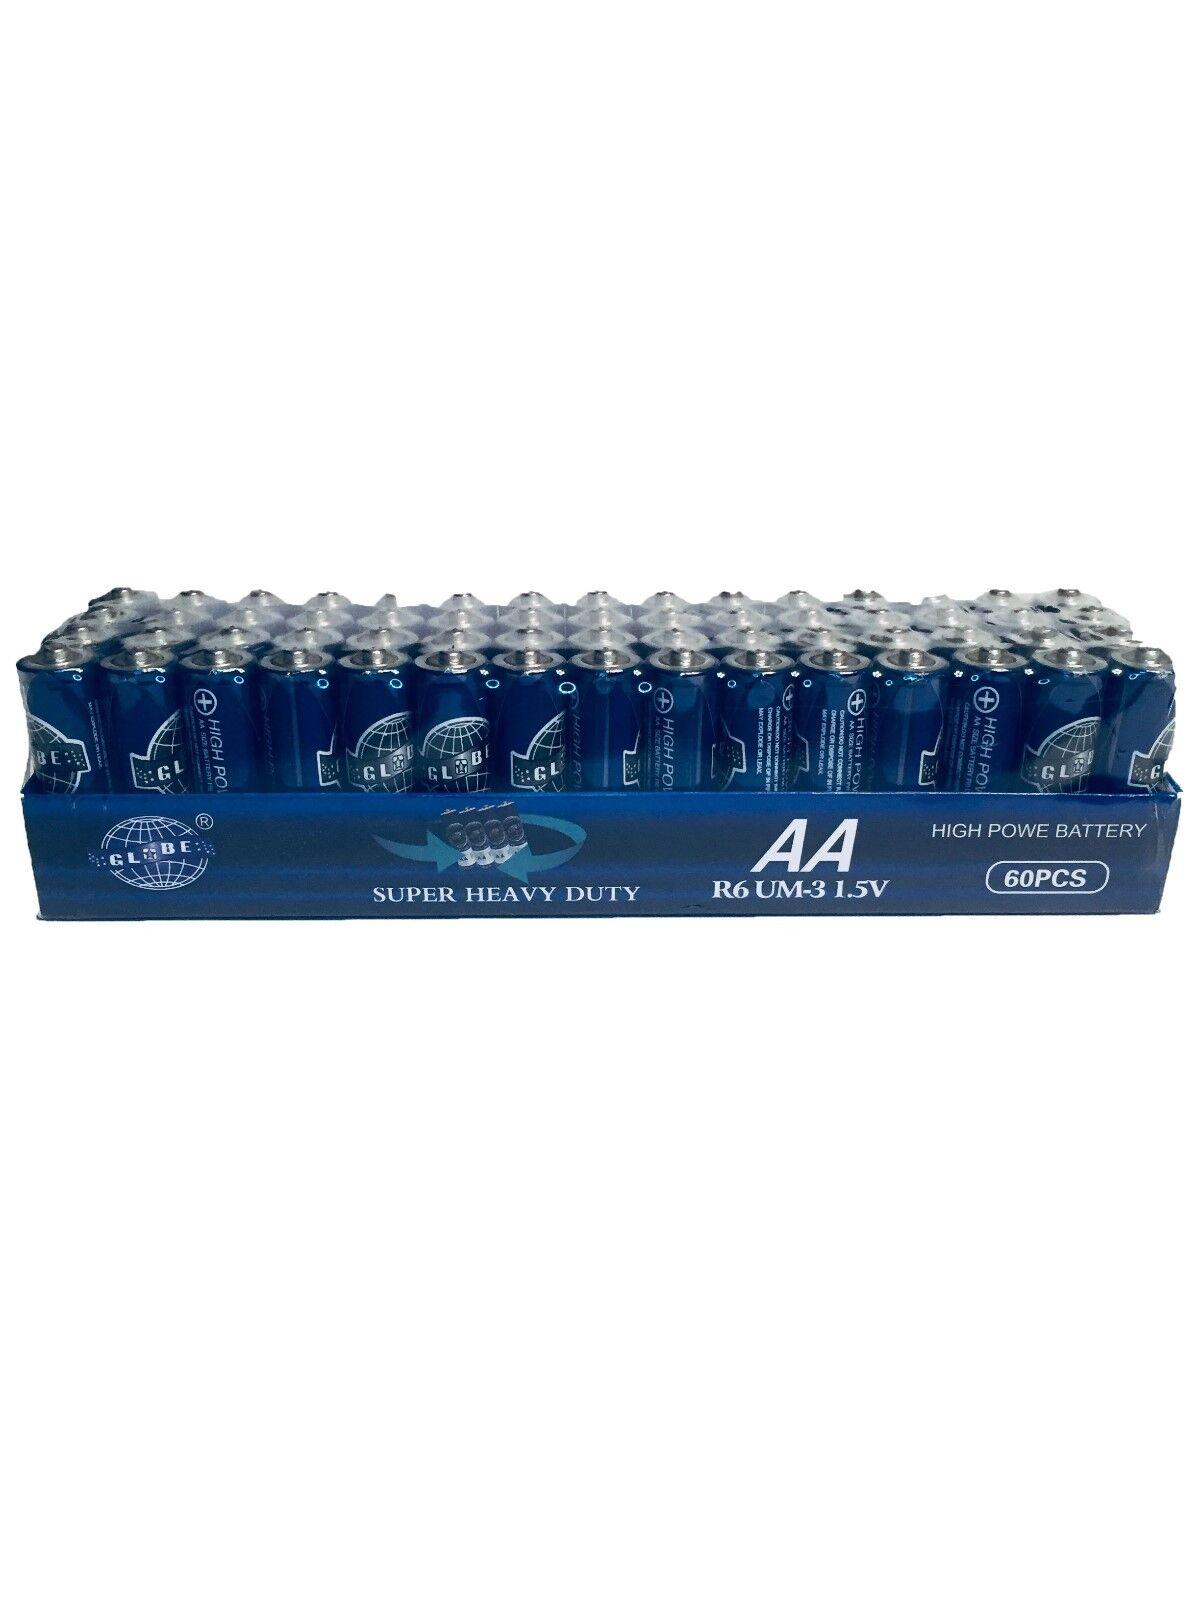 Lot of 120 AA Batteries EXTRA Heavy Duty 1.5 V. 2 Pack 60 Pcs